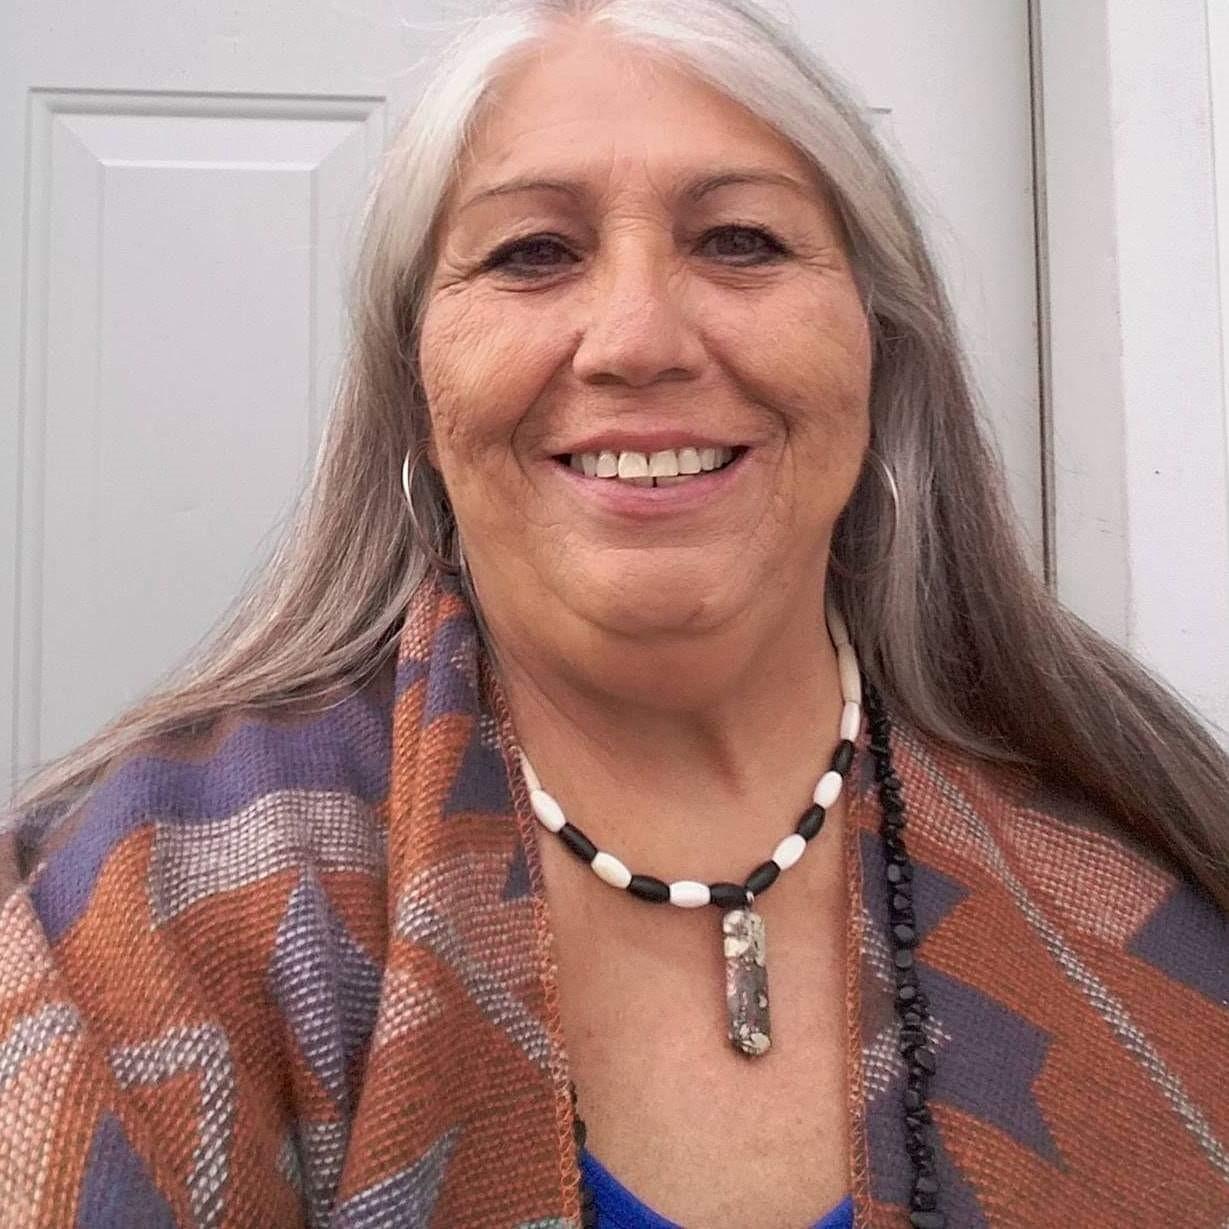 Headshot of LindaBurgess